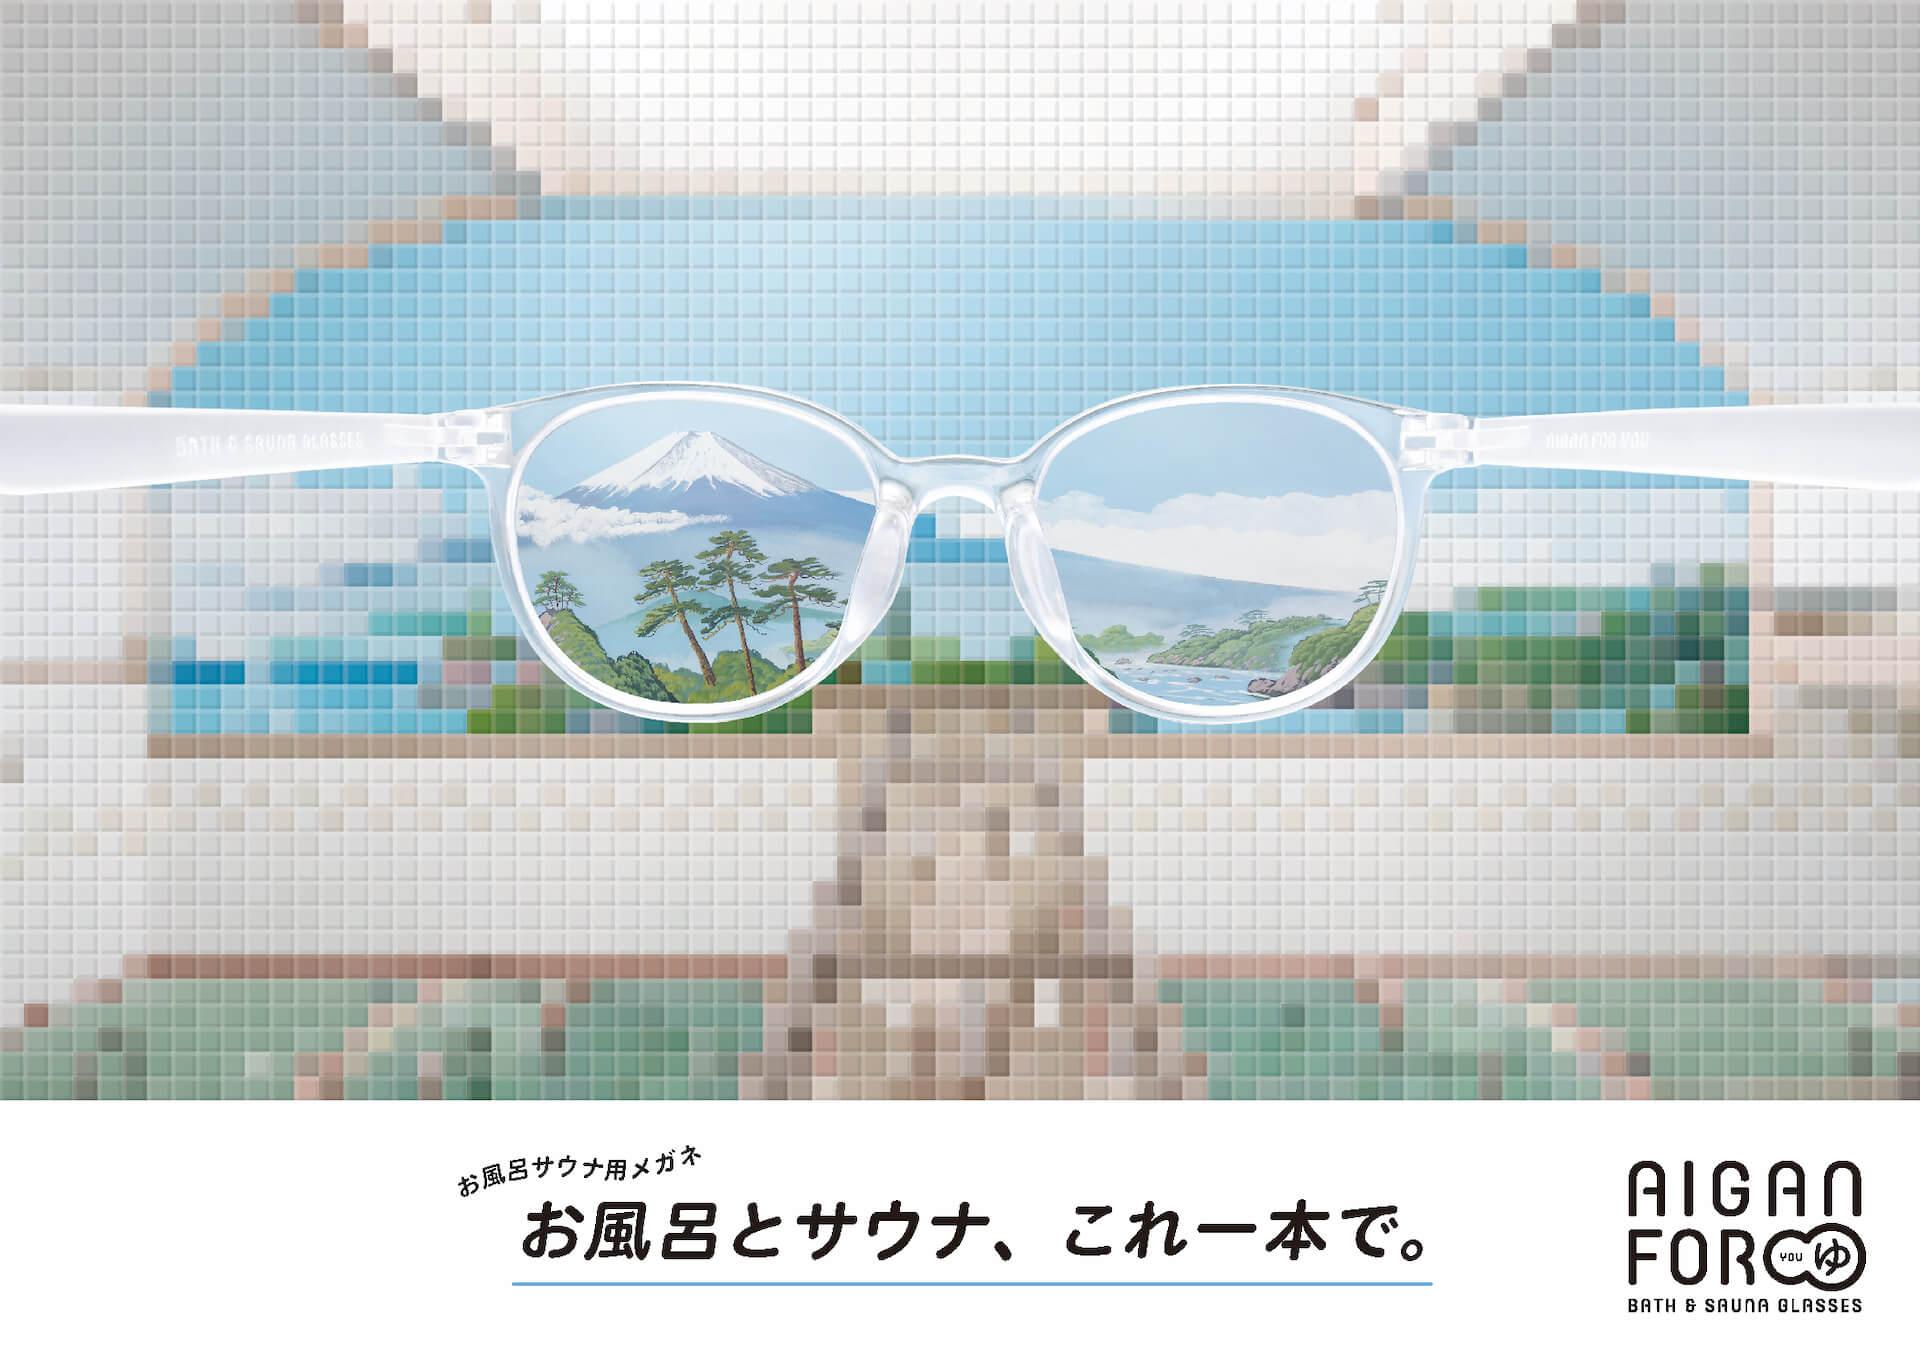 メガネの愛眼からファッショナブルなサウナ用メガネが登場!「アイガン FORゆII」が販売開始 life210610_aigan_sauna_1